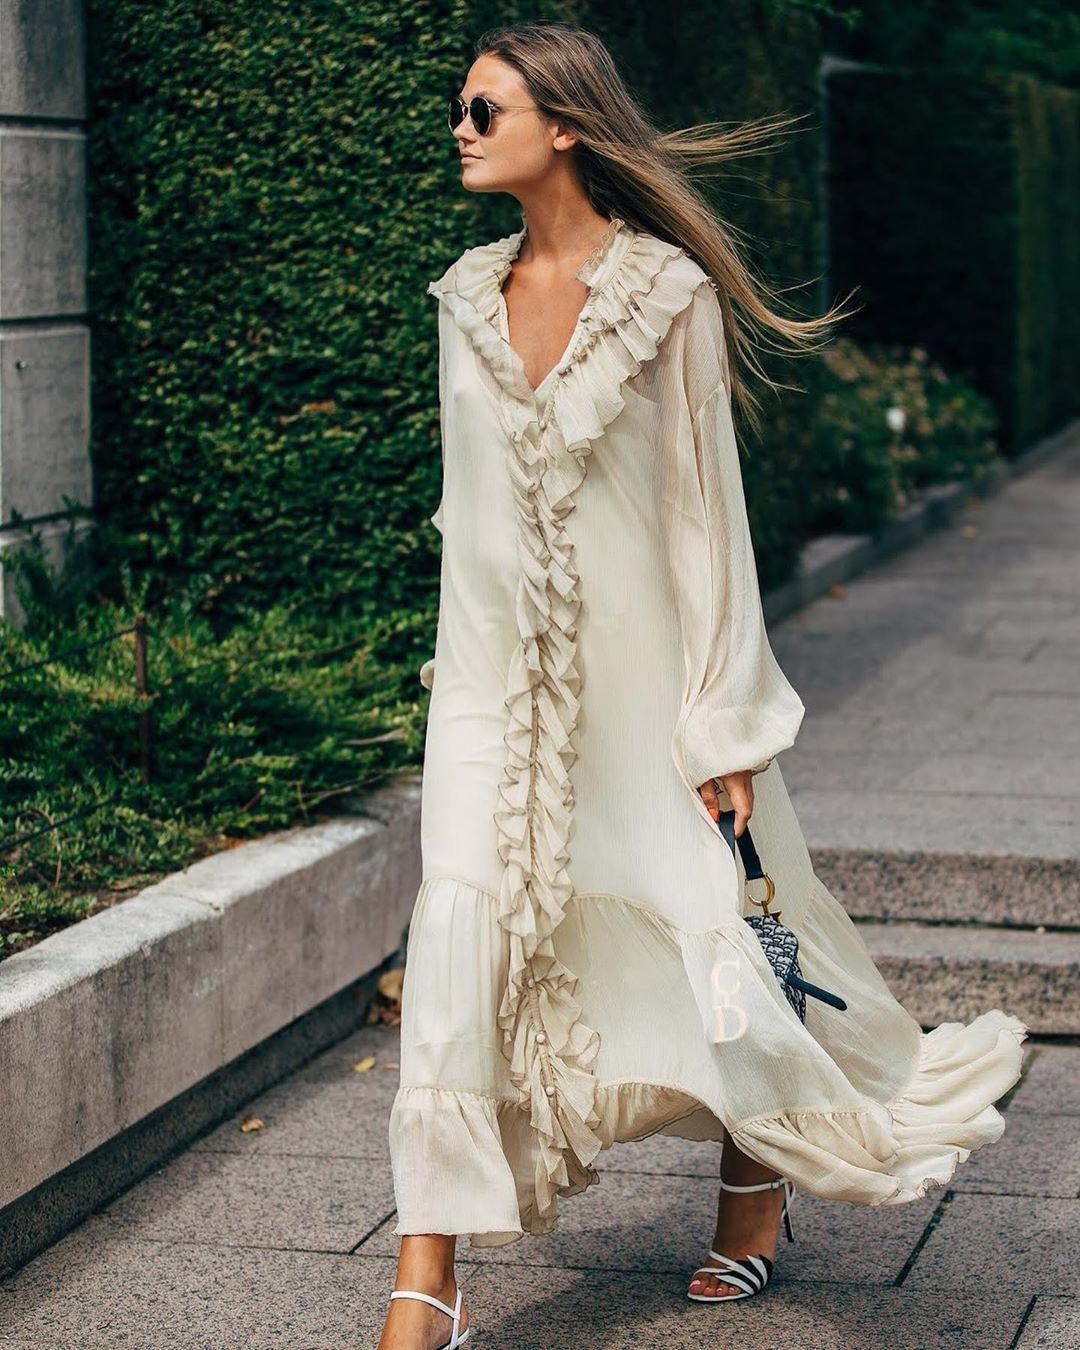 Irst Day Of Copenhagen Fashion Week 📸 Styledumonde For